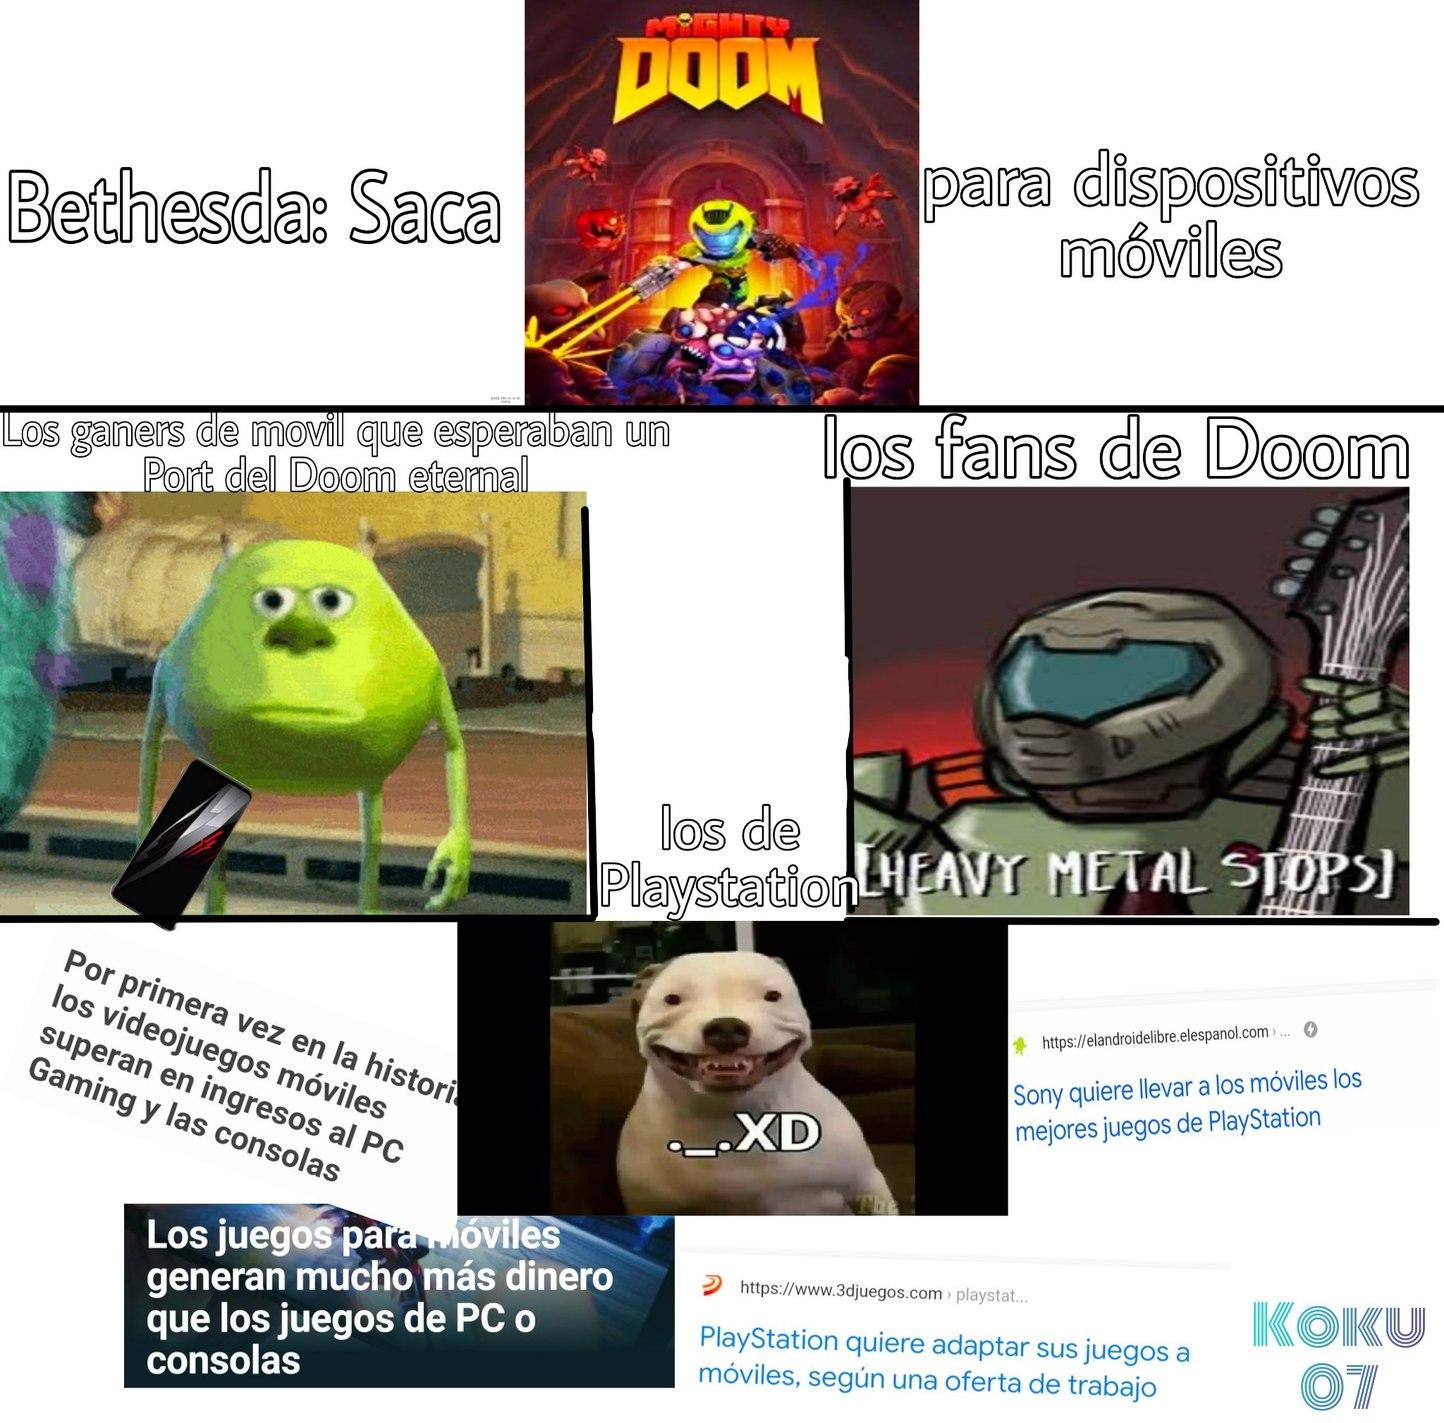 Ta un poquito desordenado (contexto del juego en los comentarios) - meme